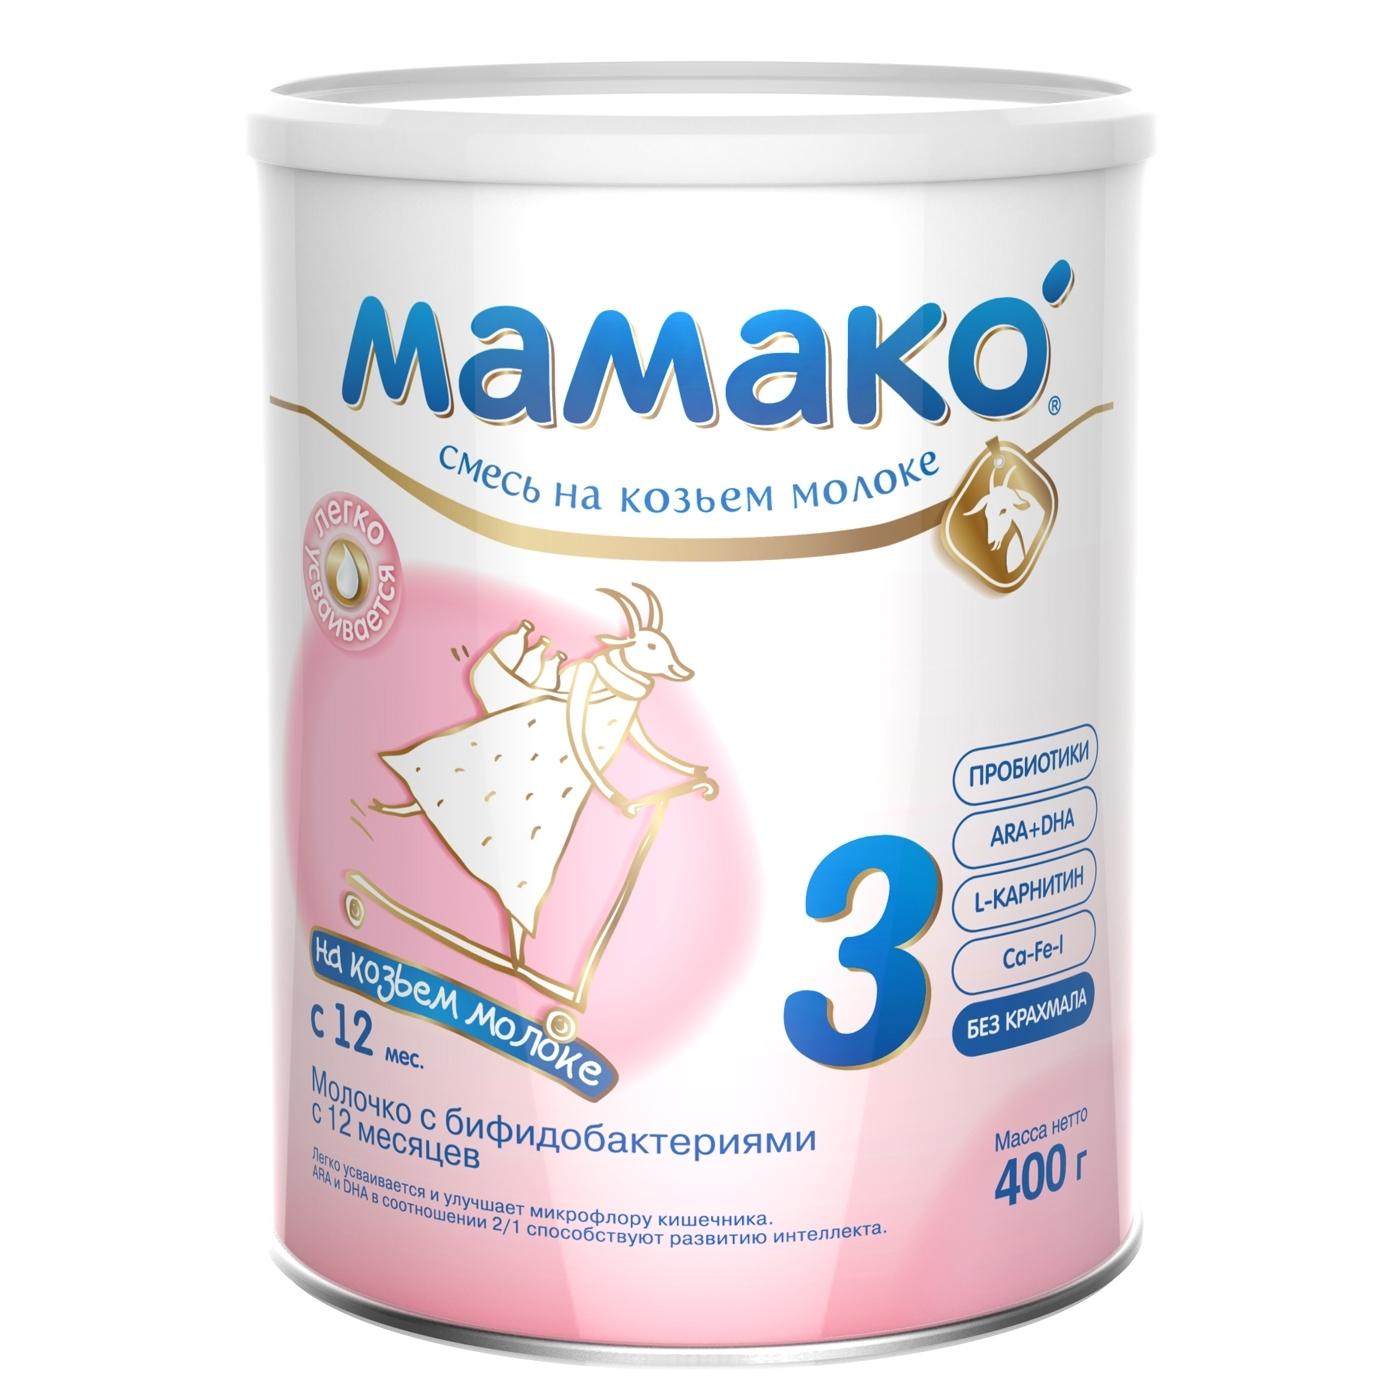 Мамако молочная смесь на основе козьего молока 400 гр №3 (с 12 мес)<br>